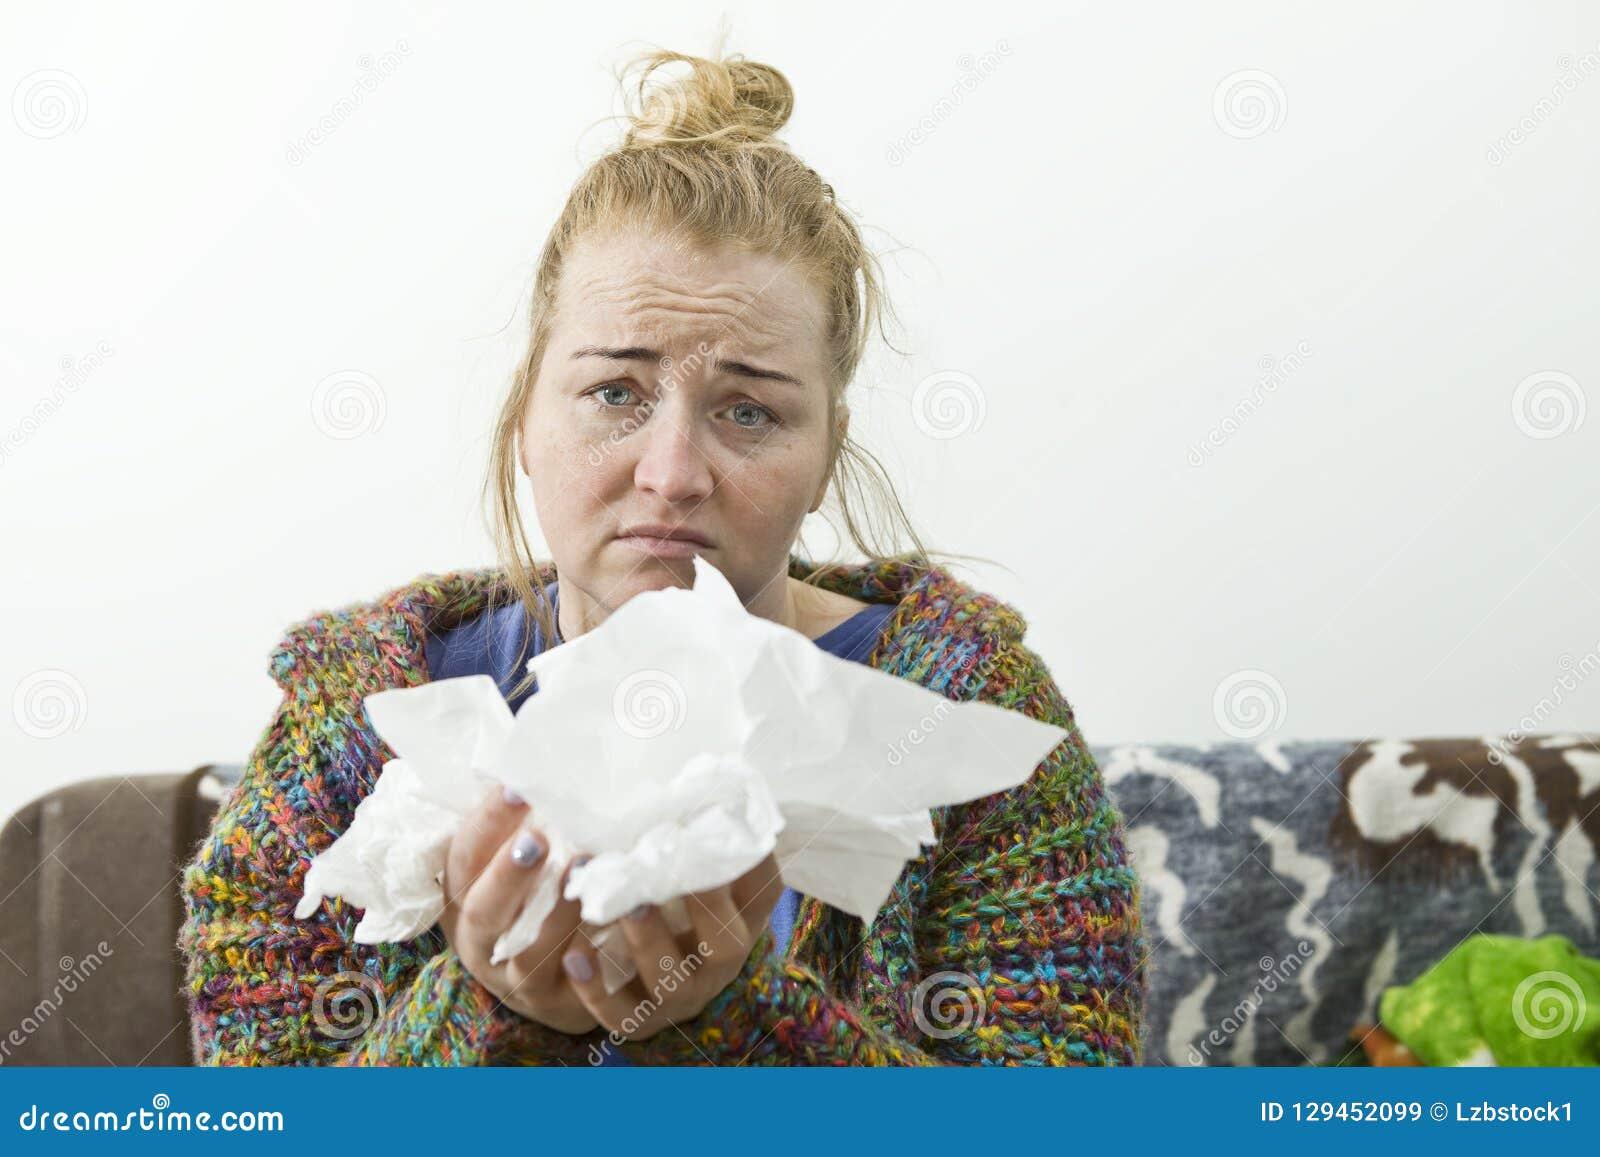 Νέοι άρρωστοι γυναικών στο κρεβάτι που φορά το πουλόβερ ασθένεια